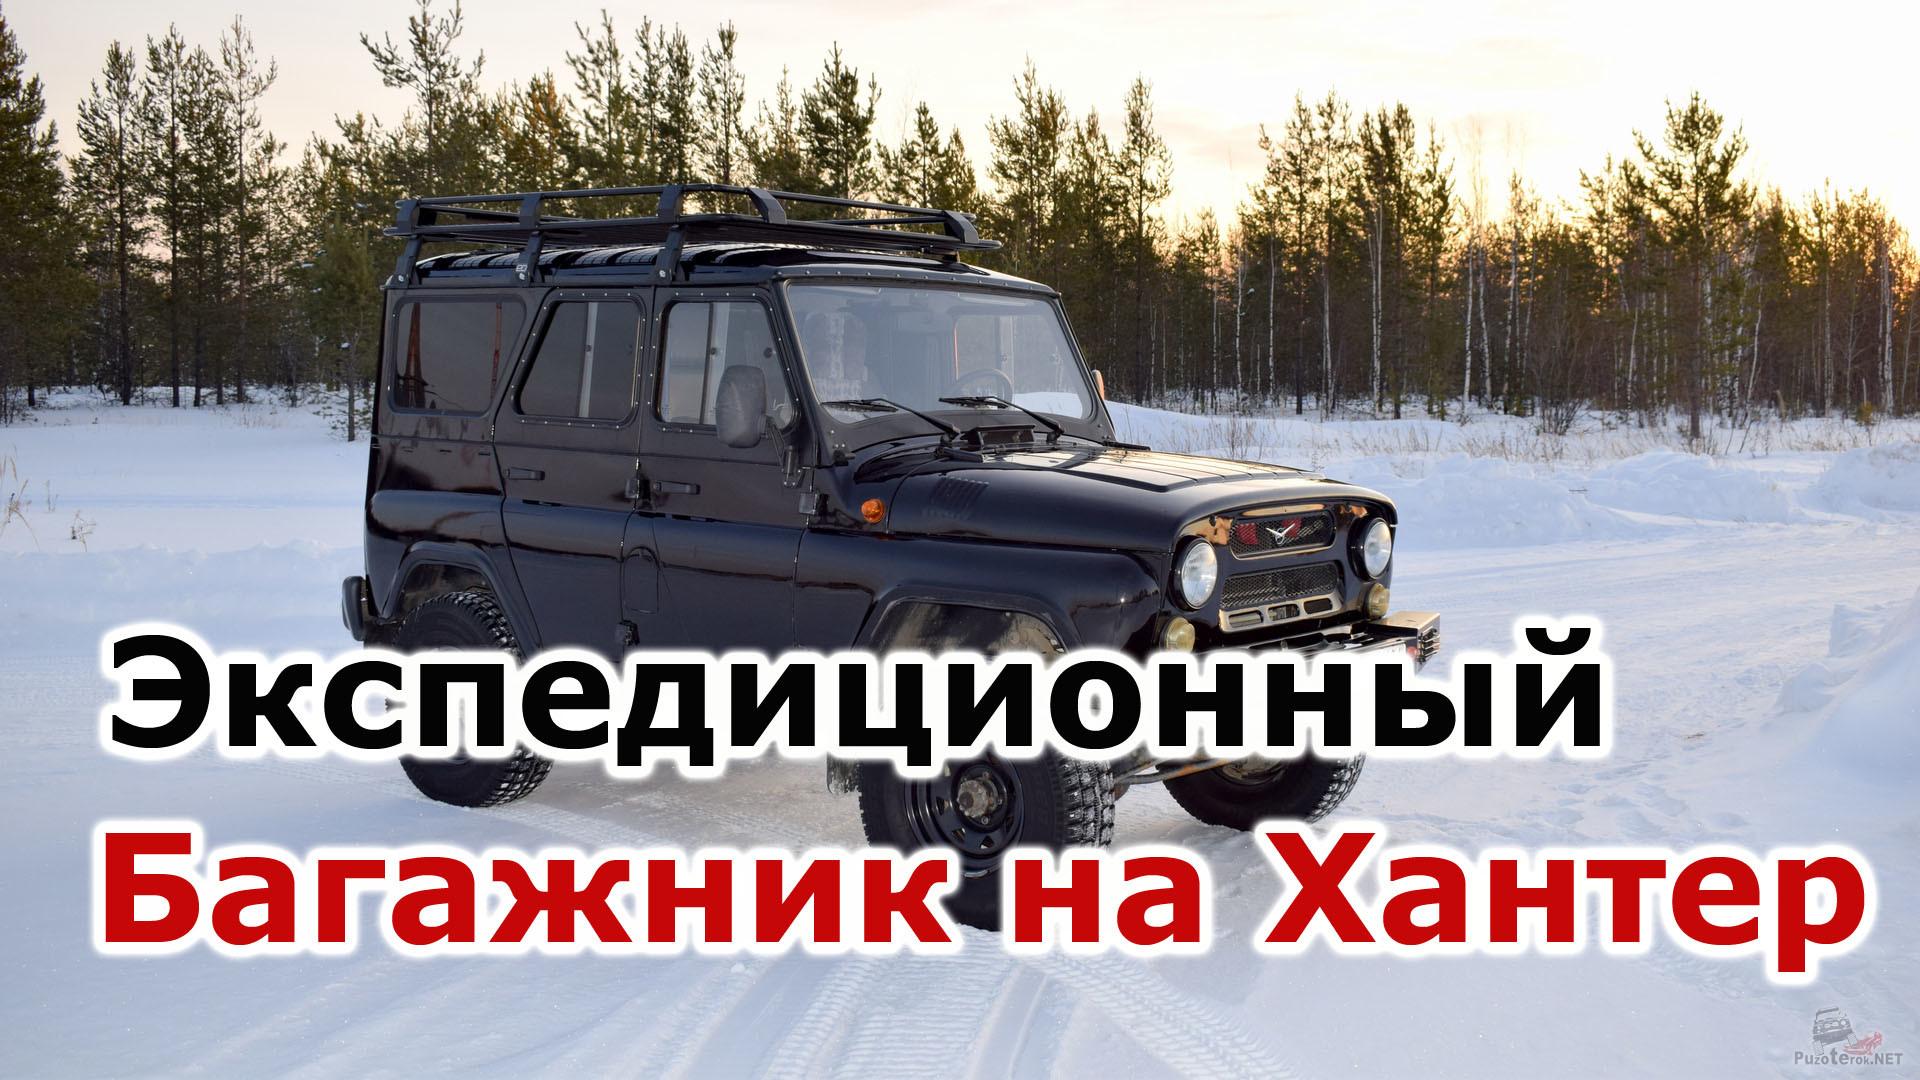 Экспедиционный багажник УАЗ Хантер